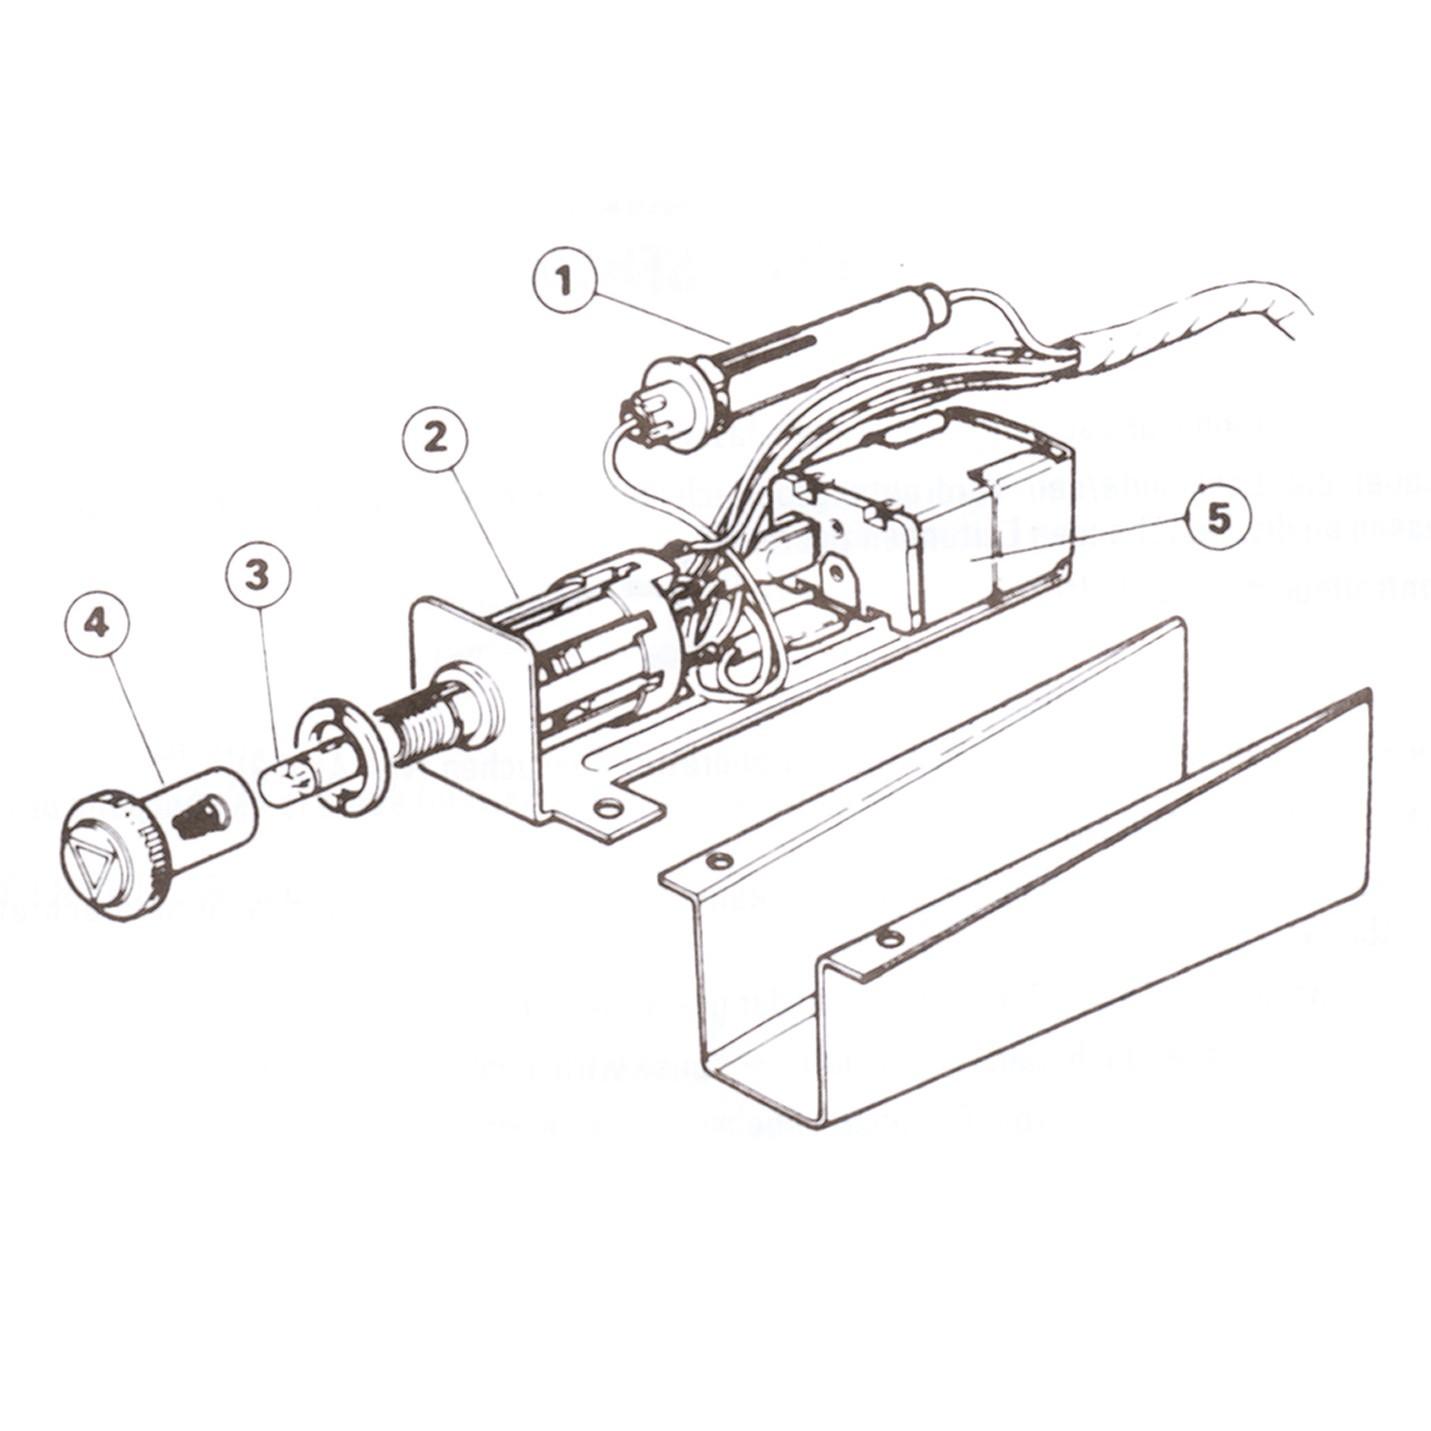 Hazard Warning Switch Kit SFB300 image #1